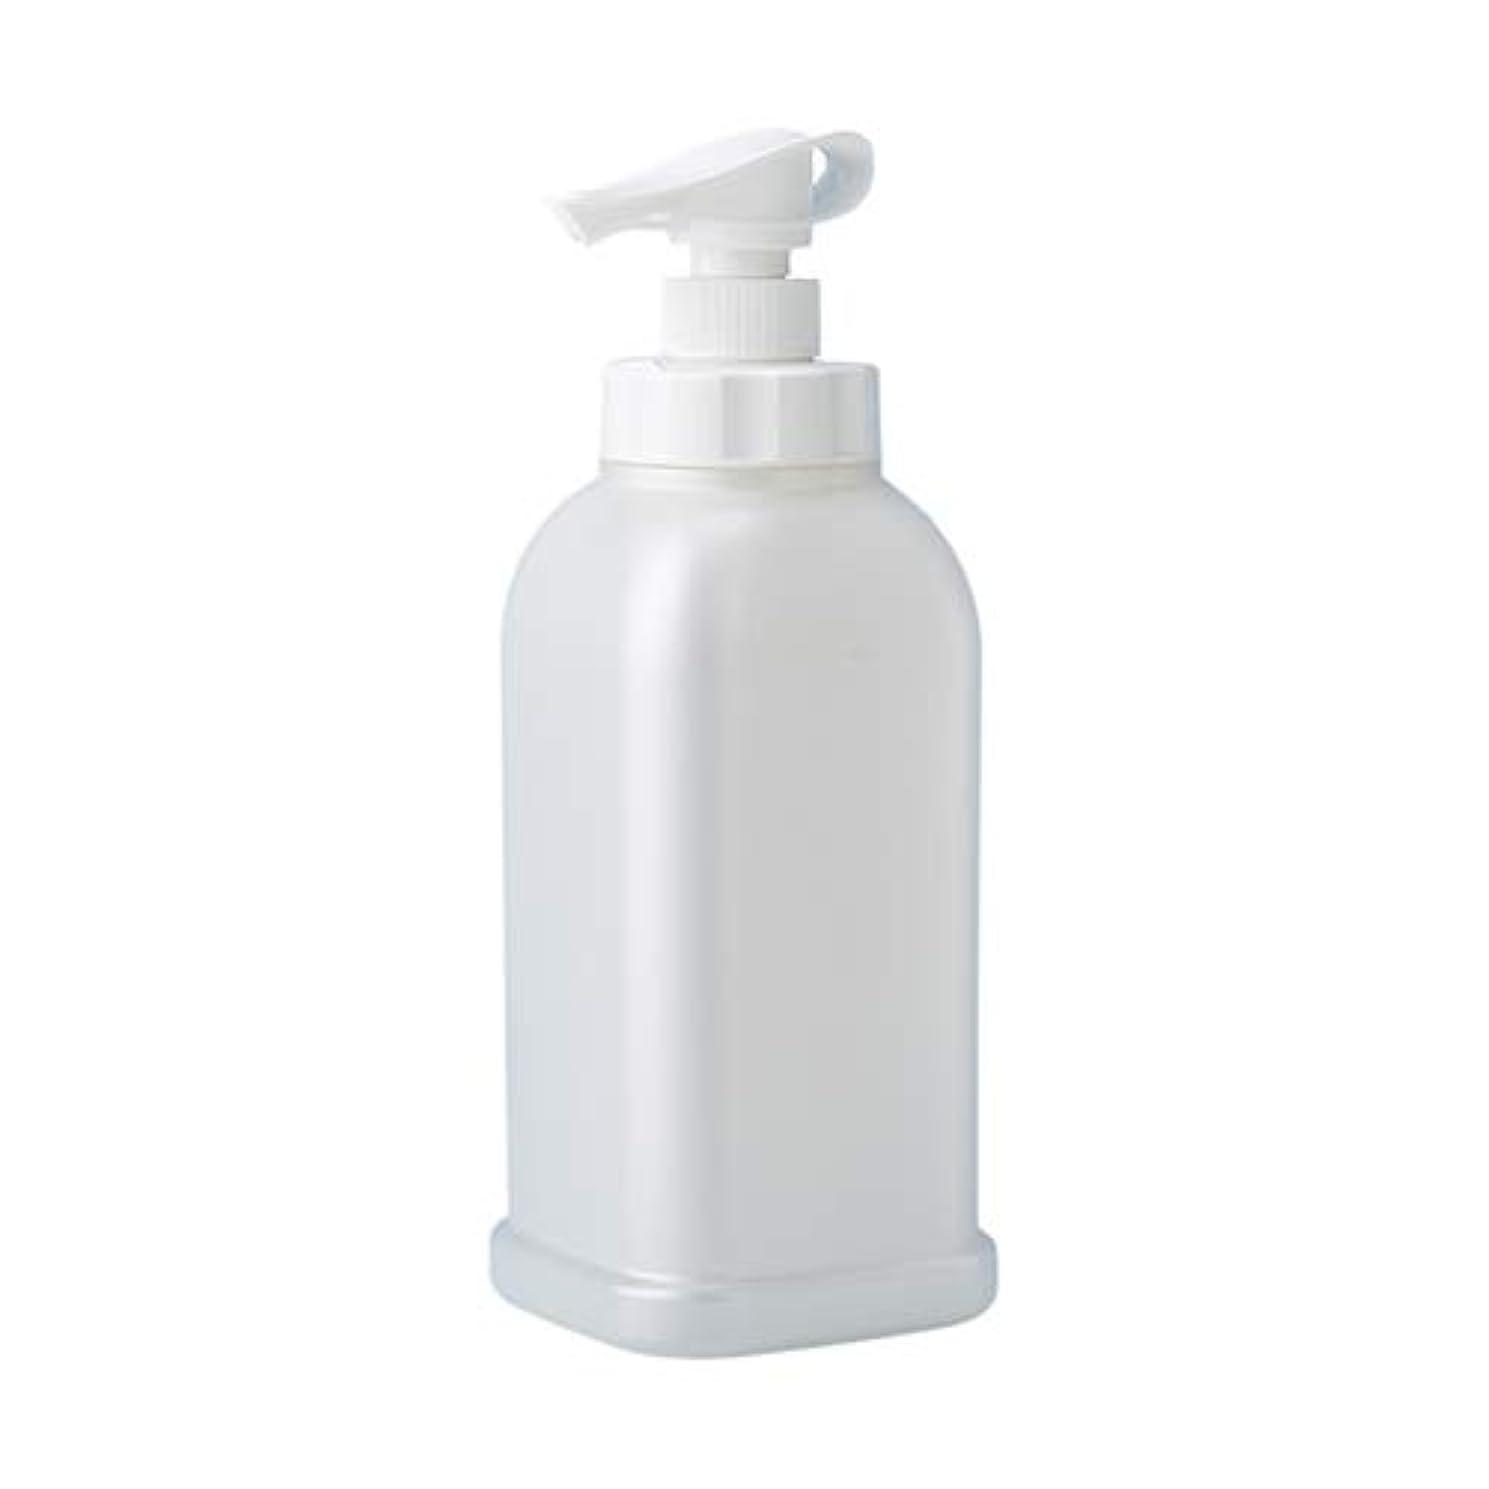 音クロス消去安定感のある ポンプボトル シャンプー コンディショナー リンス ボディソープ ハンドソープ 1.2L詰め替え容器 パールホワイト